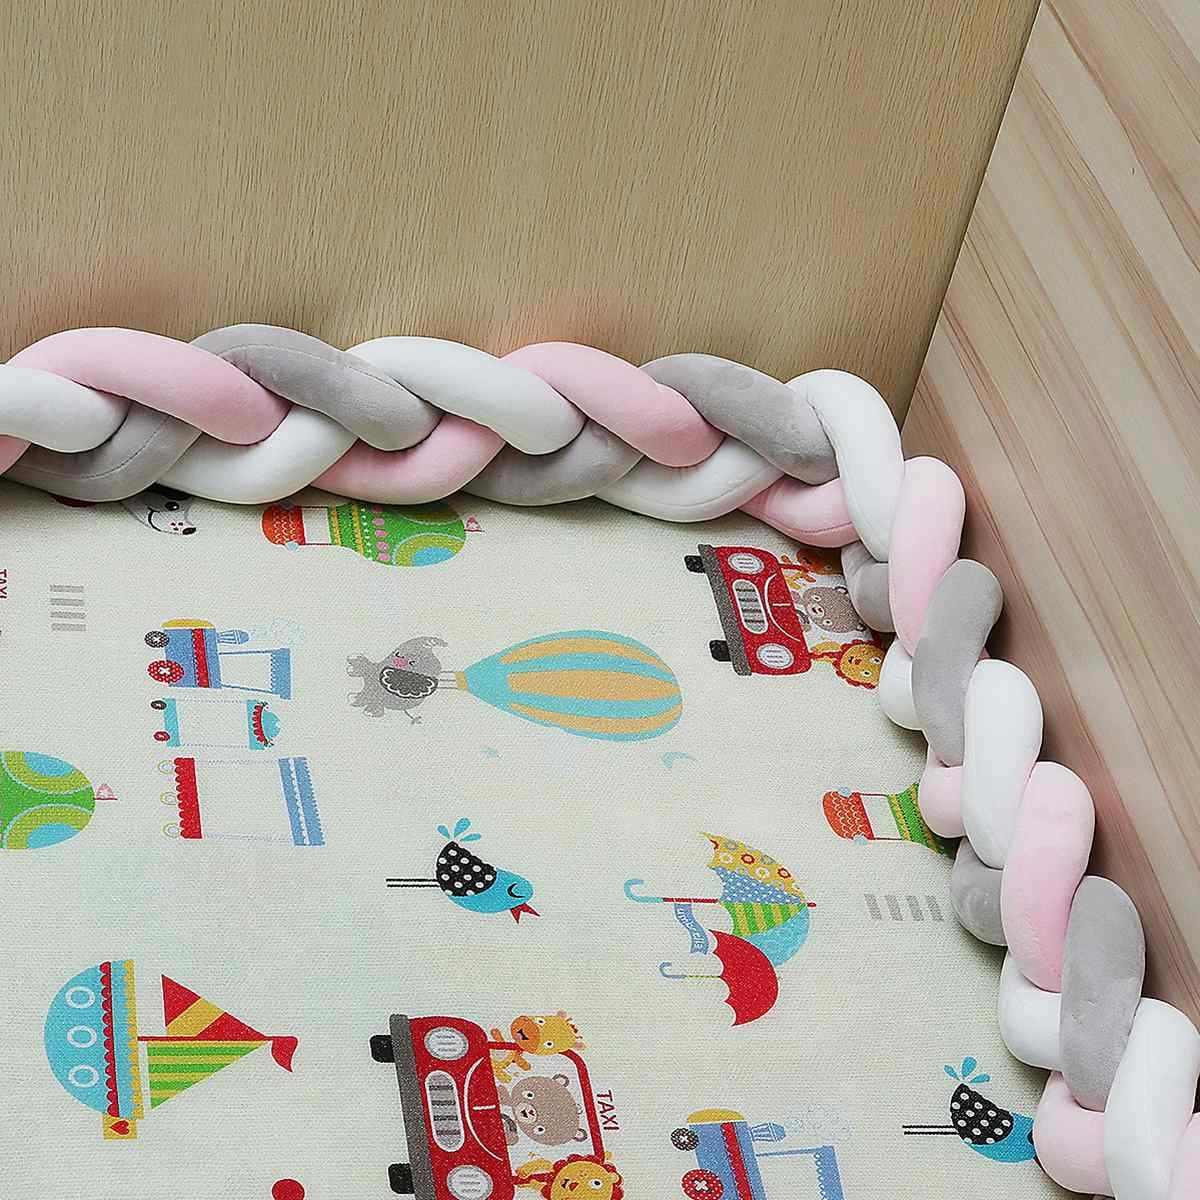 כותנה תינוק כרית פגושים Made טופס כריות לילדים עריסה הגנת מיטת תינוק מצעים כהה כוכבים יילוד מיטת מצעים 1 /2/3 M